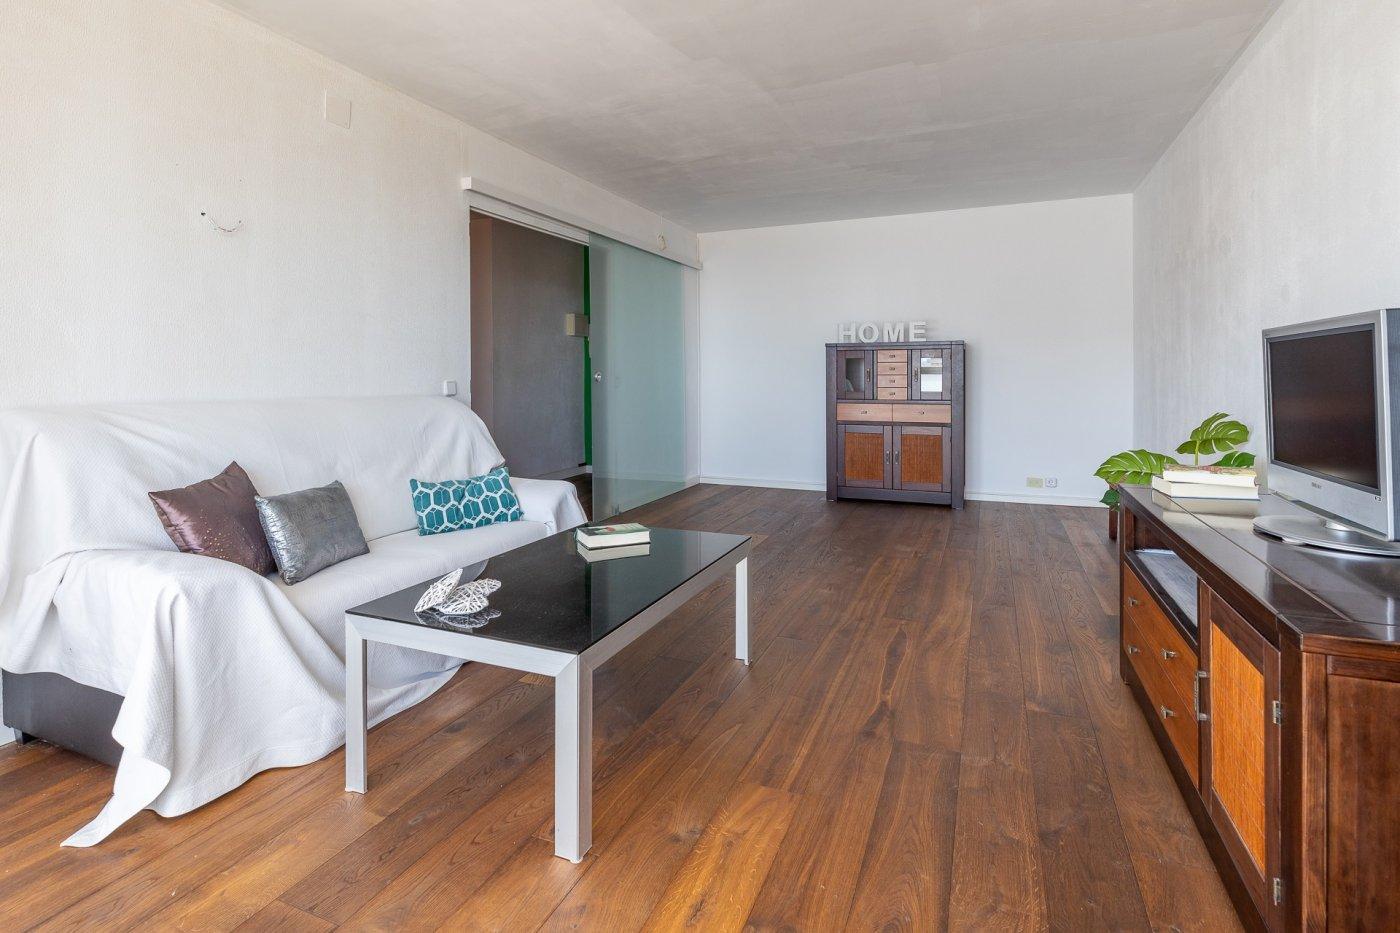 Coqueto apartamento cerca de porto pi, palma - imagenInmueble2